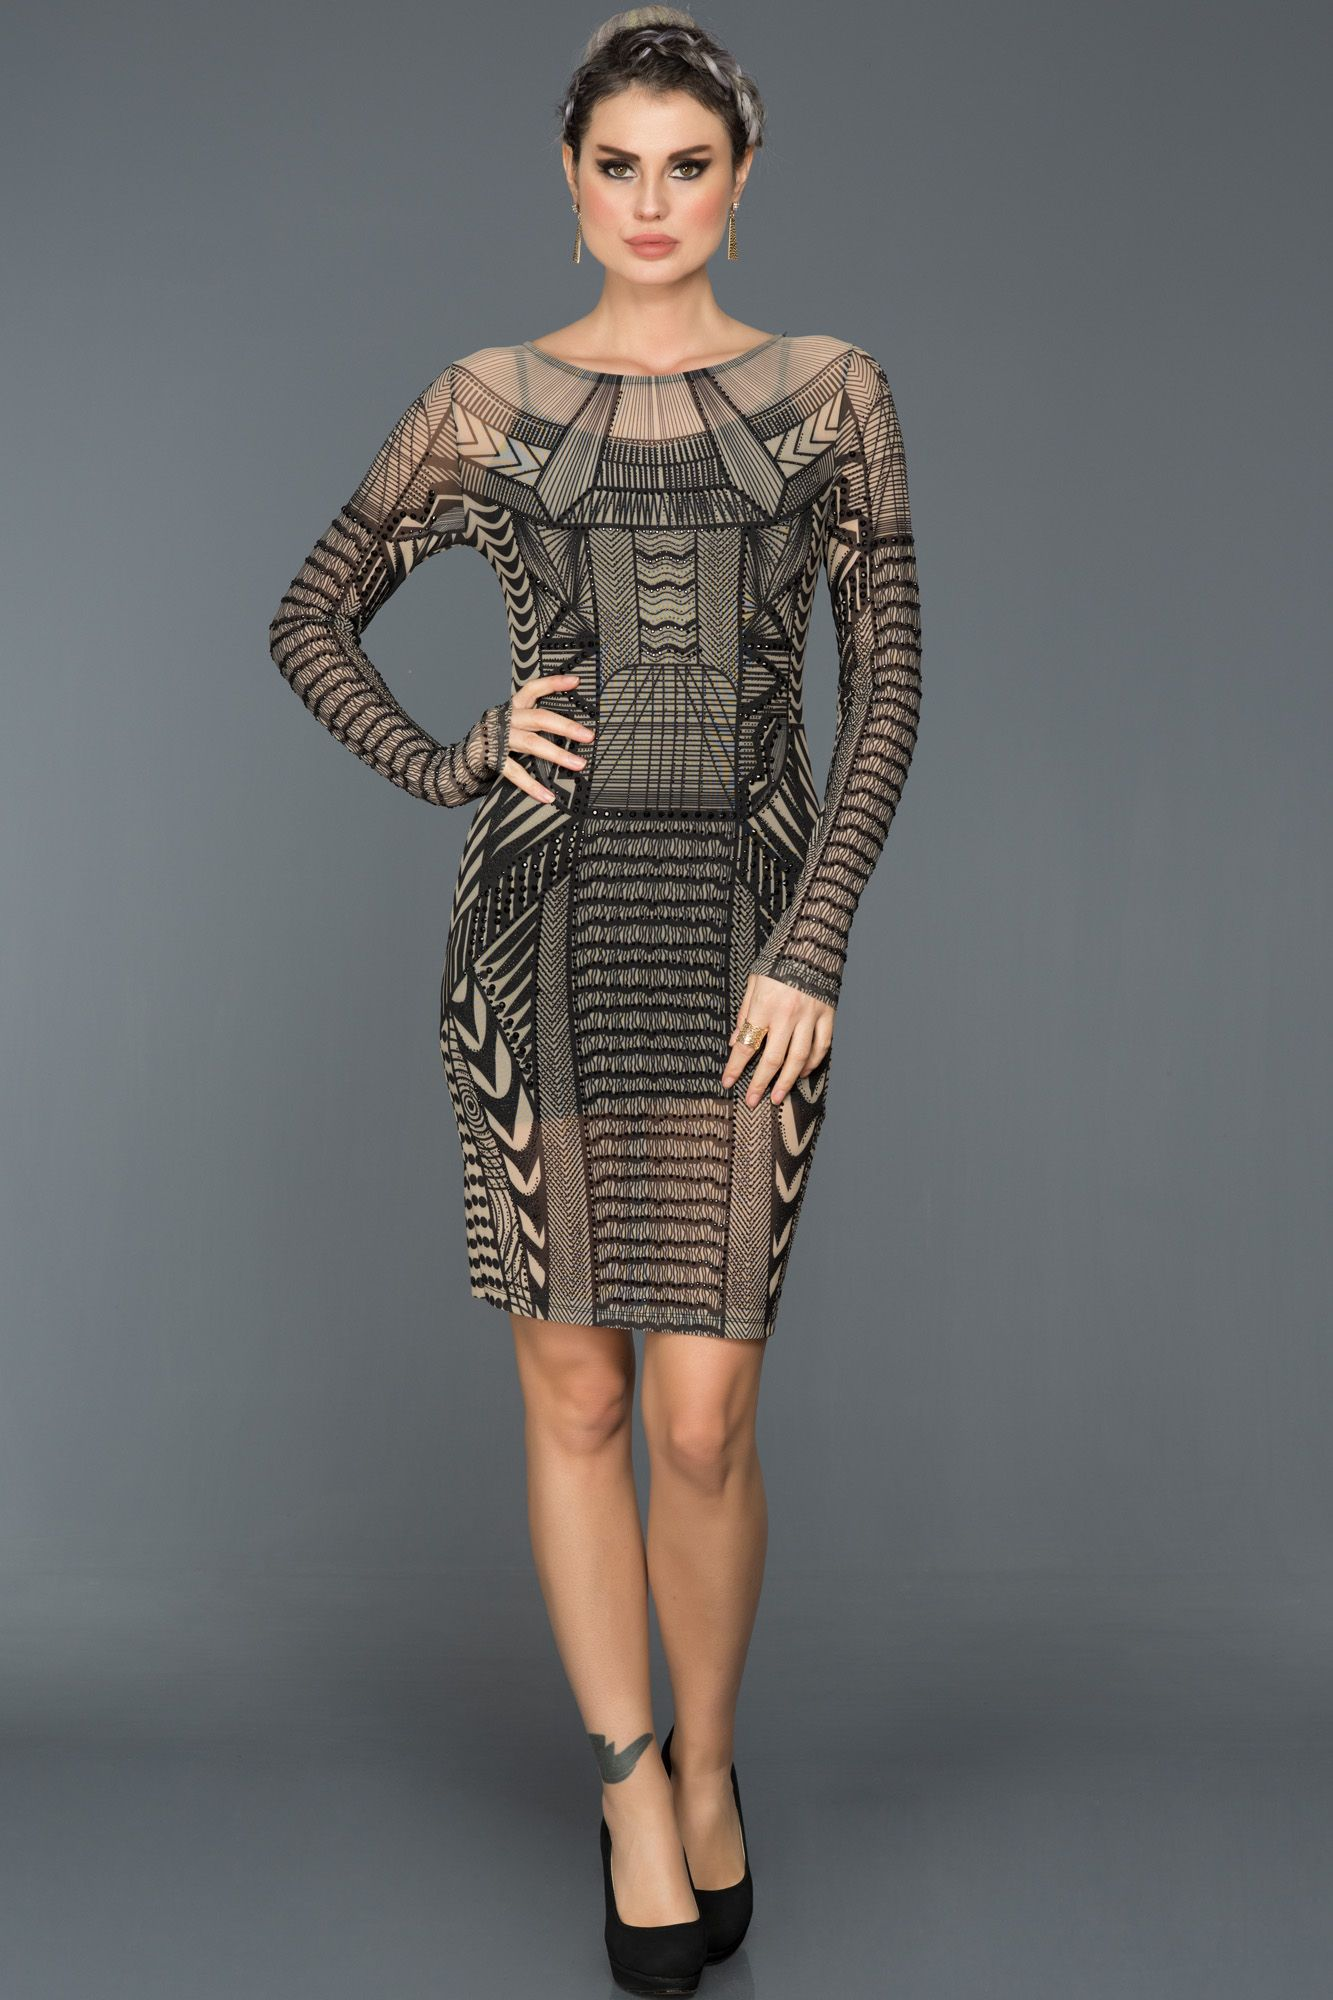 Siyah Ten Transparan Gece Elbisesi Kr53301 The Dress Moda Stilleri Kokteyl Elbisesi